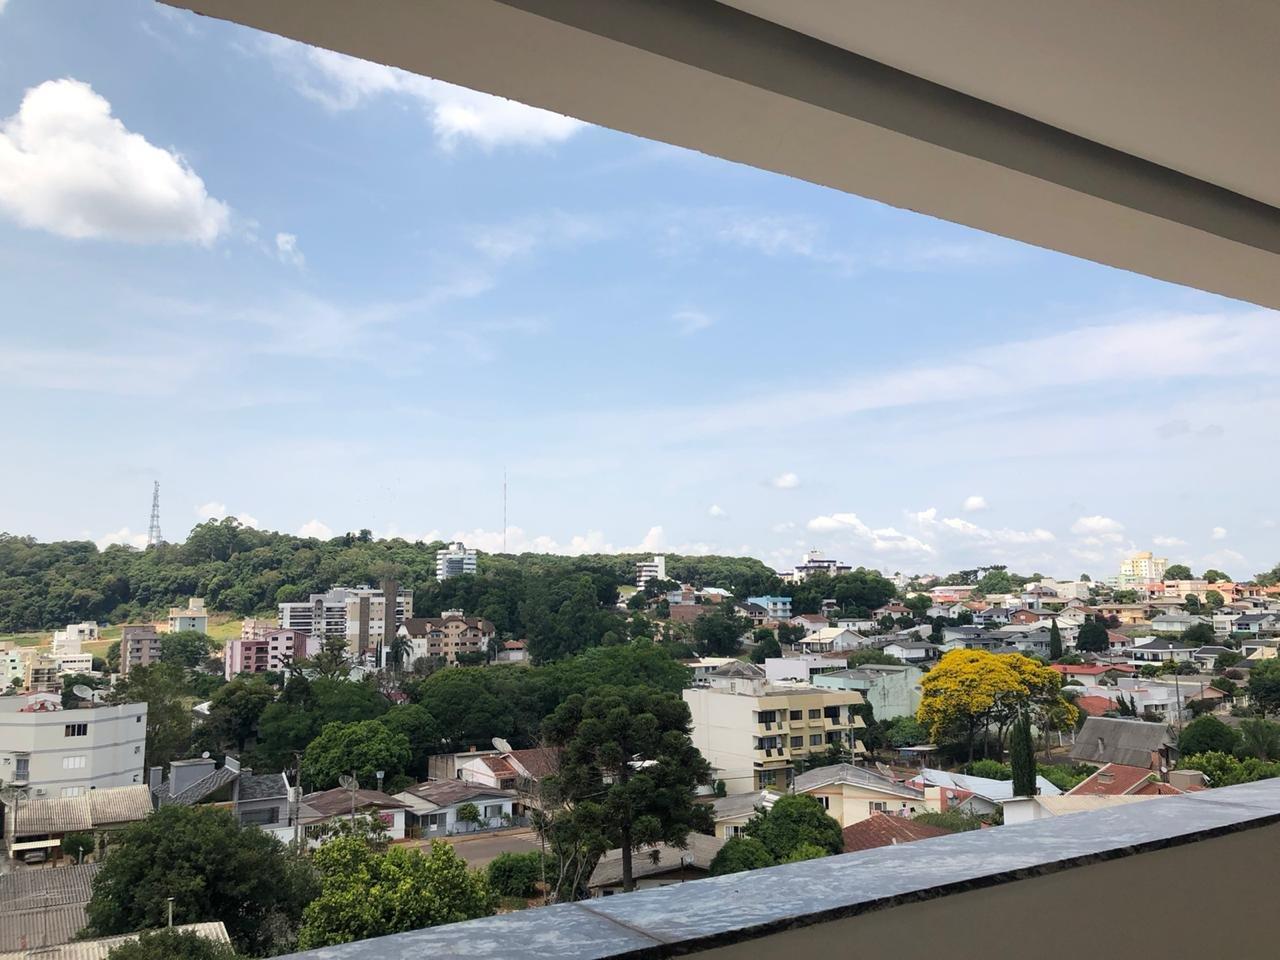 Vista Sul da Cidade